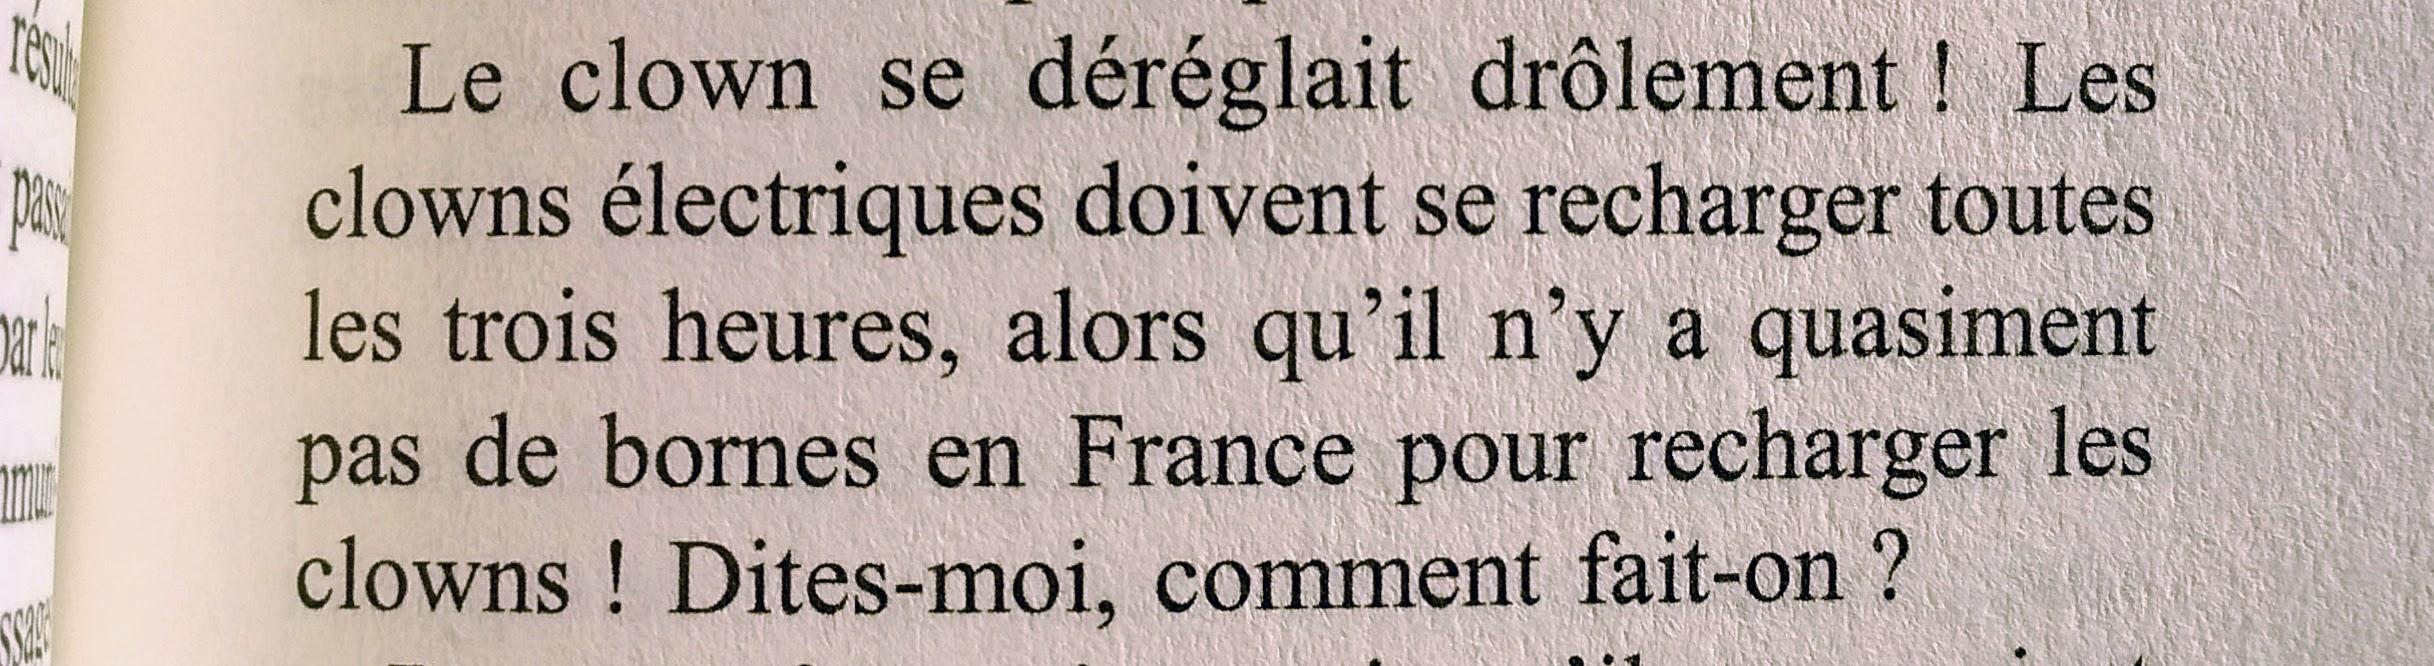 Interview d'une vache et scandale au Palais de Jean-Marie Gourio